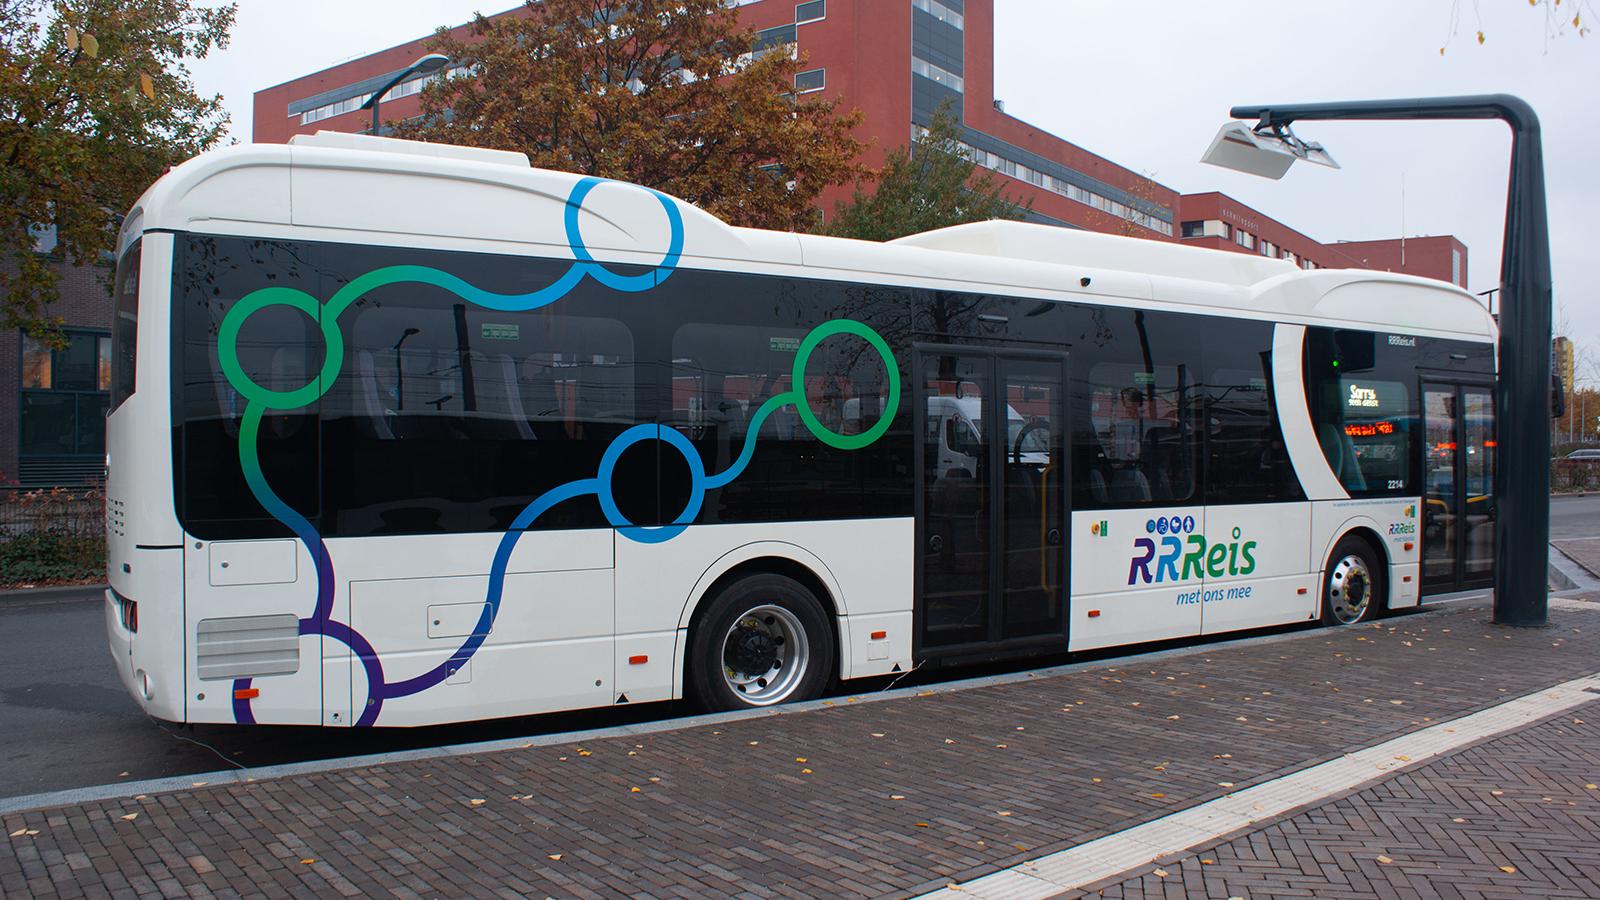 Reisss-bus aan de lader